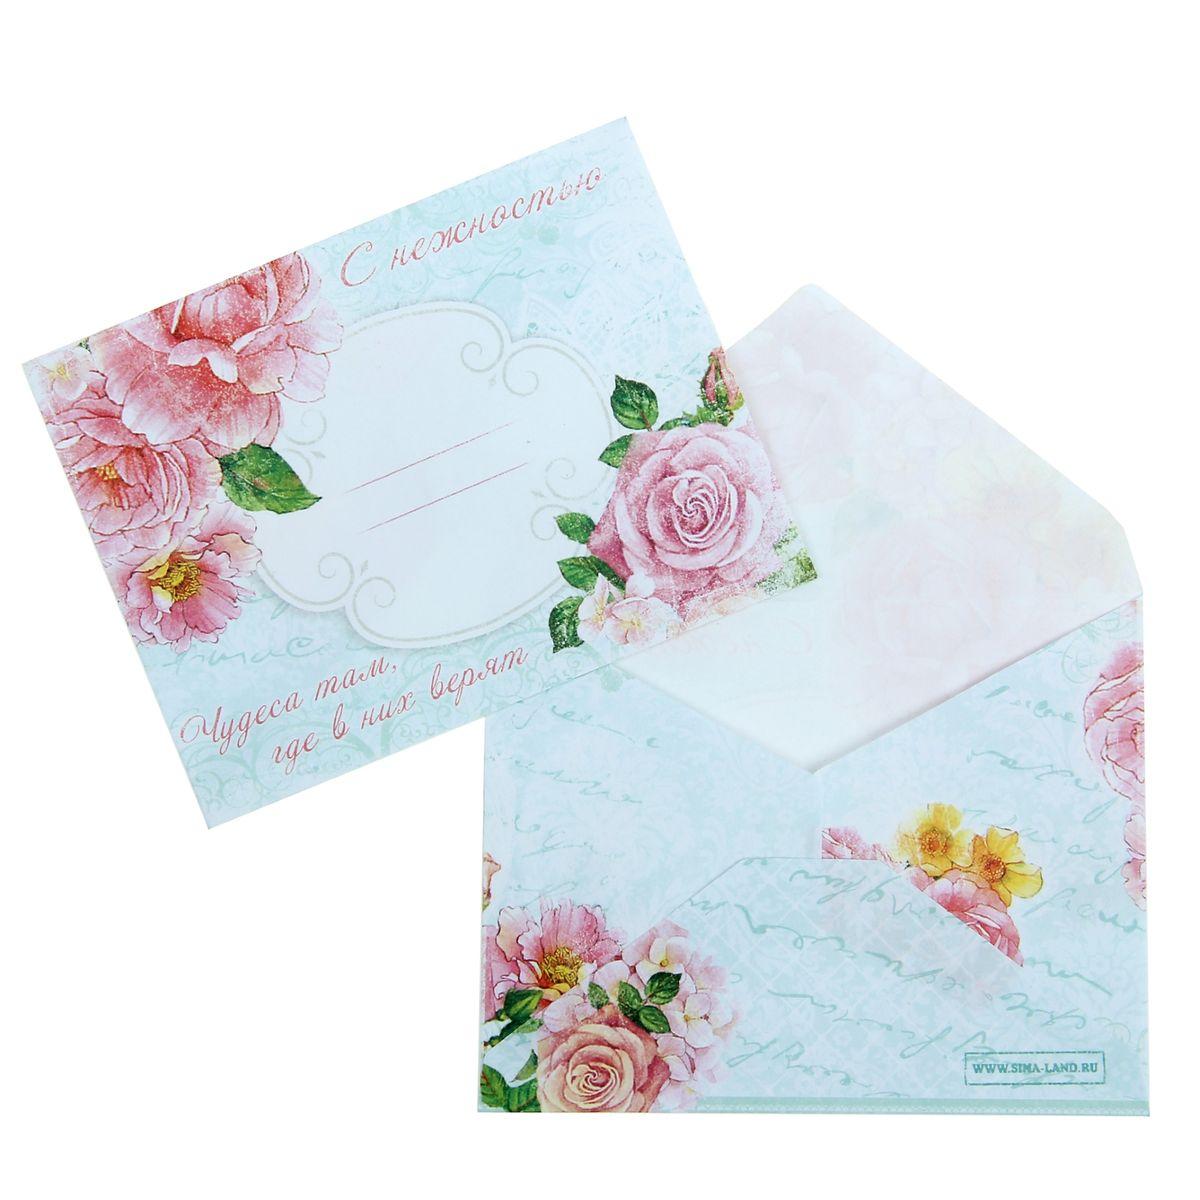 Конверт подарочный ШеббиC0042416Конверт Шебби, изготовленный из бумаги, станет отличным дополнением к подарку. Лицевая сторона конверта украшена изображениями роз, фразами, а также полем, где вы можете вписать от кого и кому предназначается данный конверт. Такой конверт особенно понравится любителям скрапбукинга!